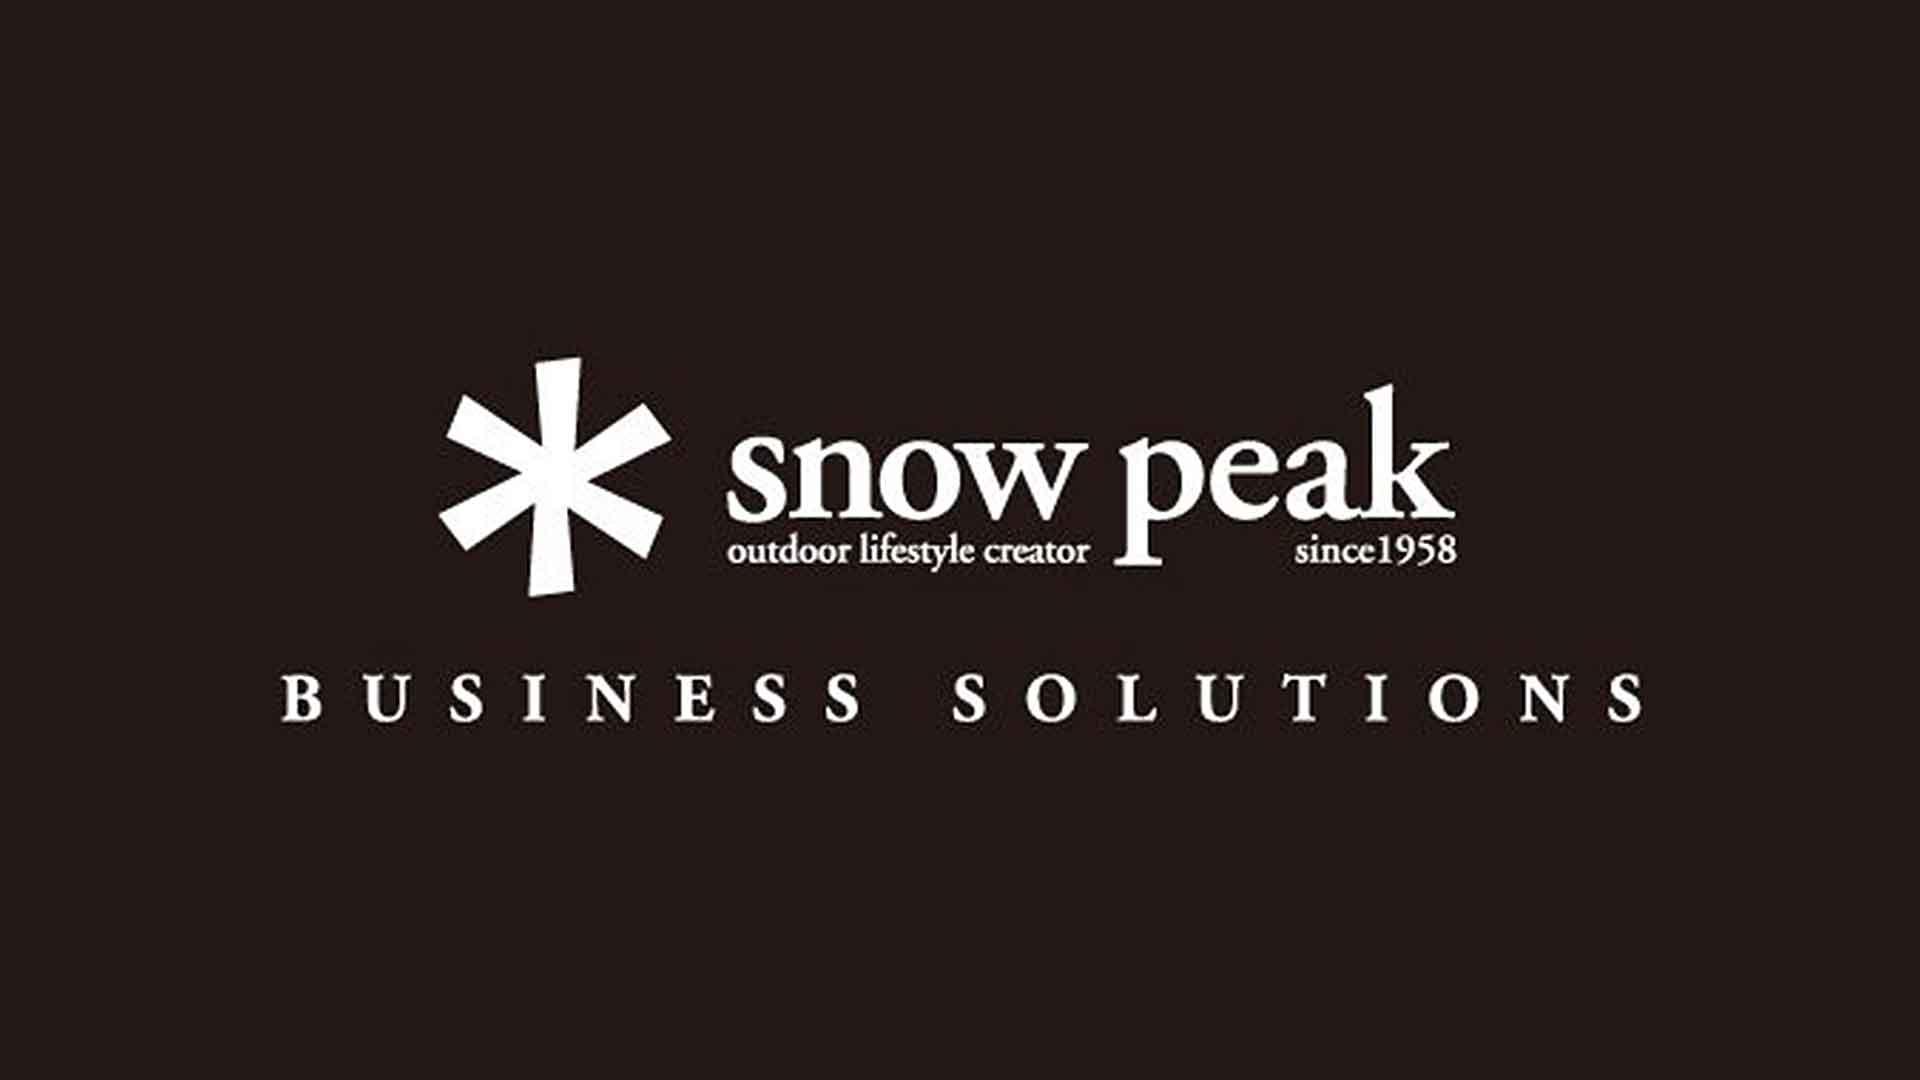 snowpeakのサムネイル画像。スノーピークのロゴ画像。